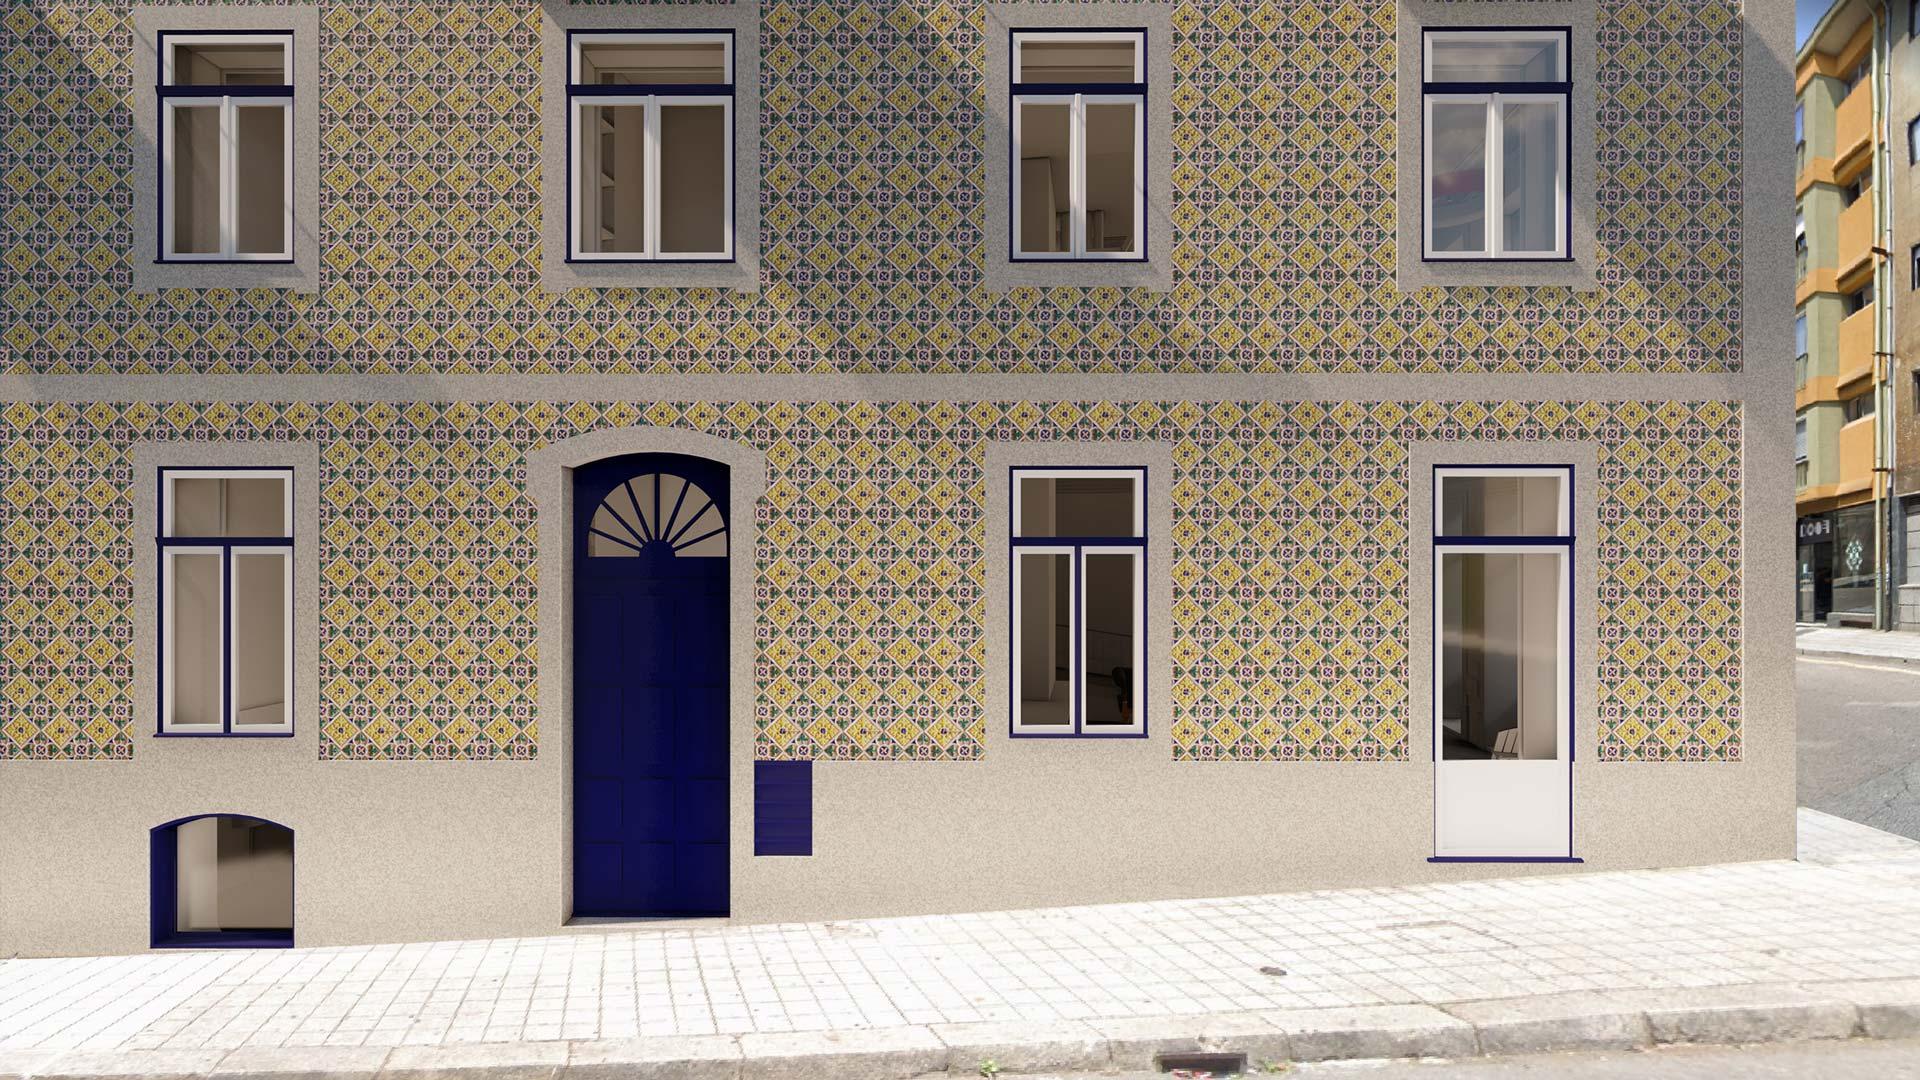 Fachada reabilitada do edifício em Aníbal Cunha convertido em 9 apartamentos turísticos - imagem virtual.